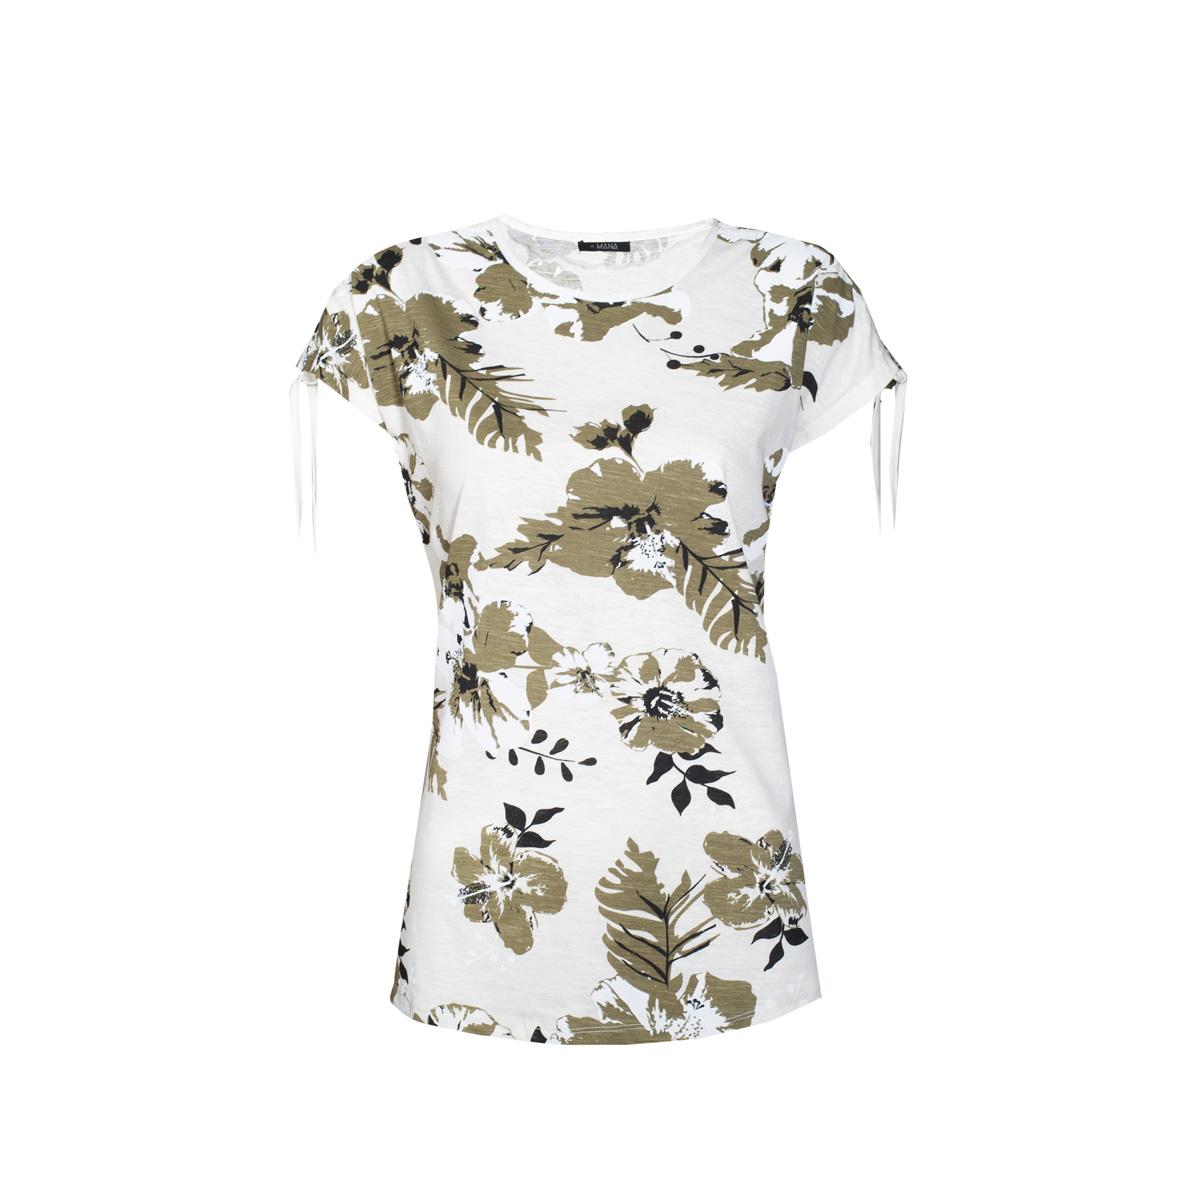 Ženska majica, bež